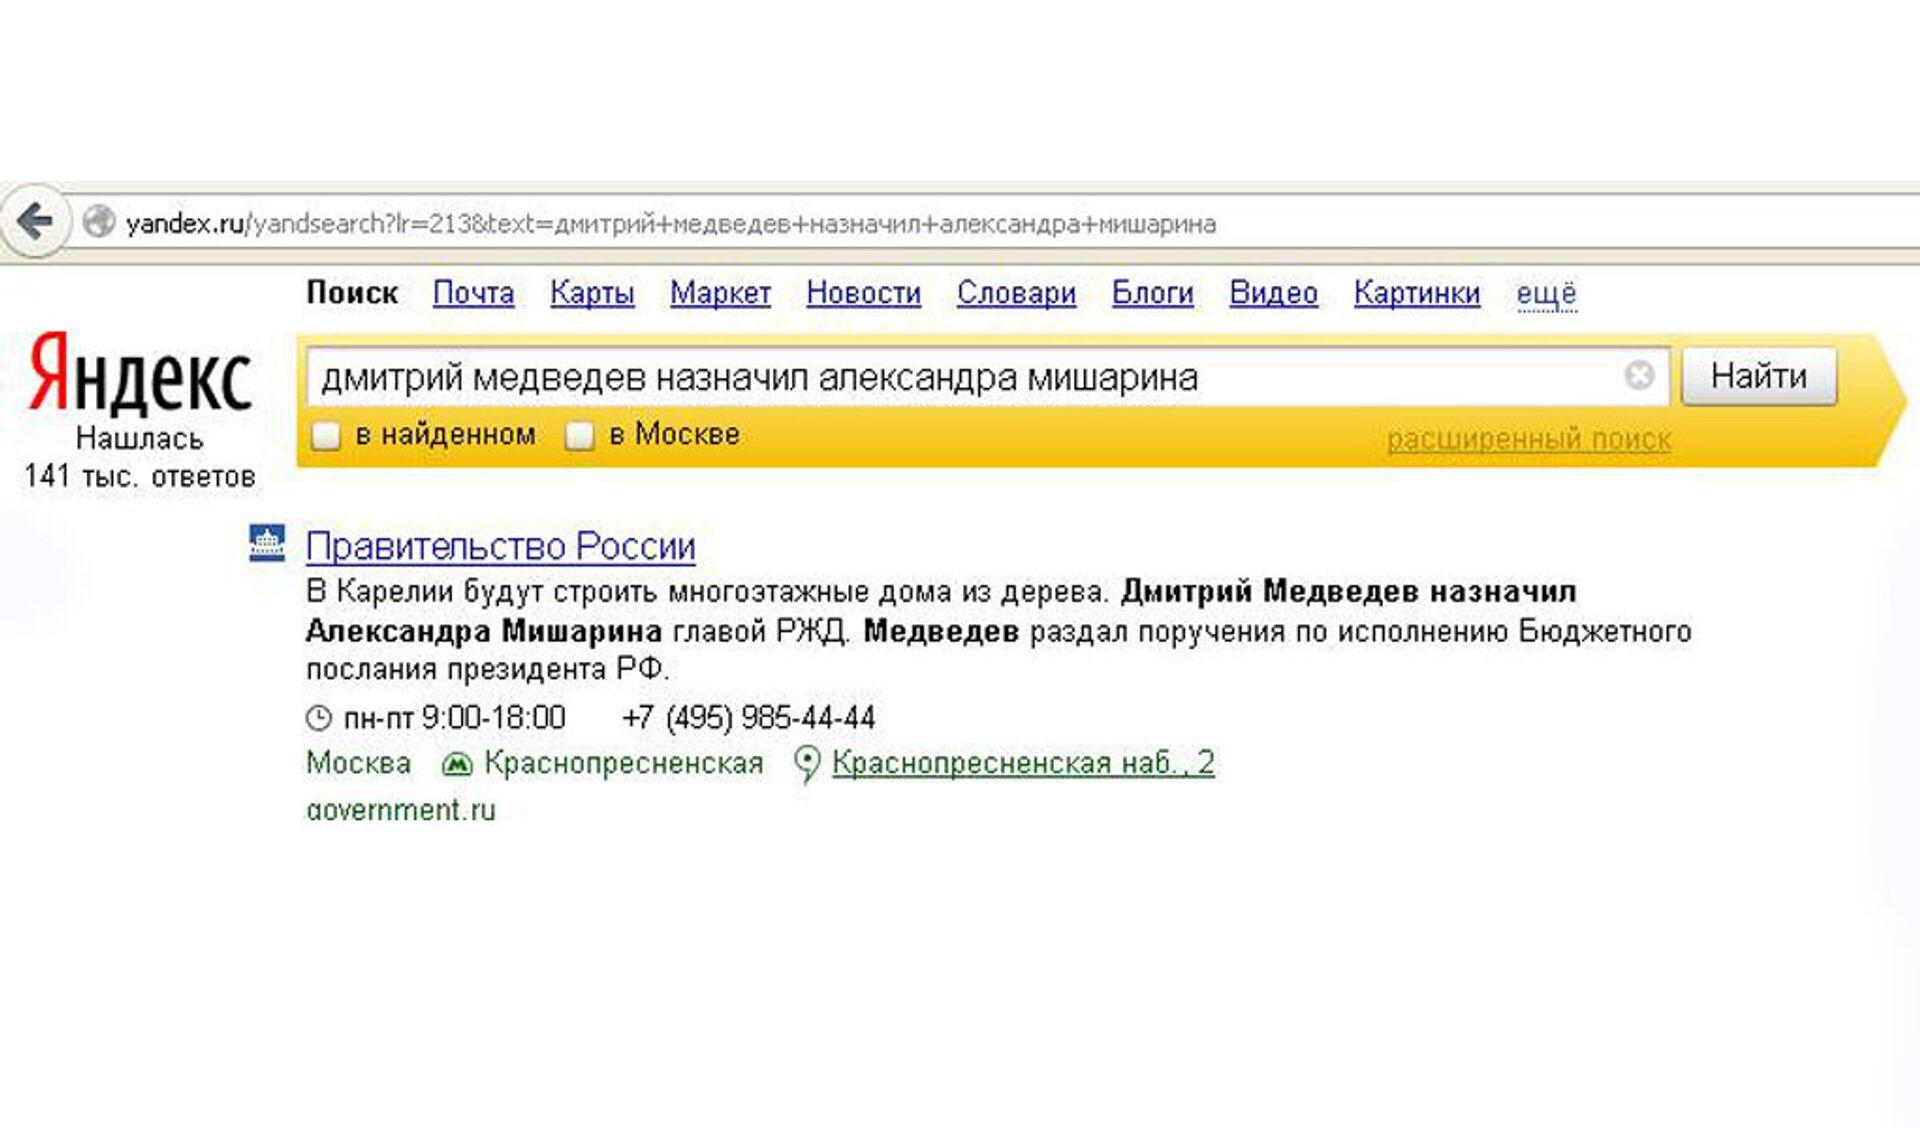 Создание сайта от yandex торговая компания благо иркутск сайт